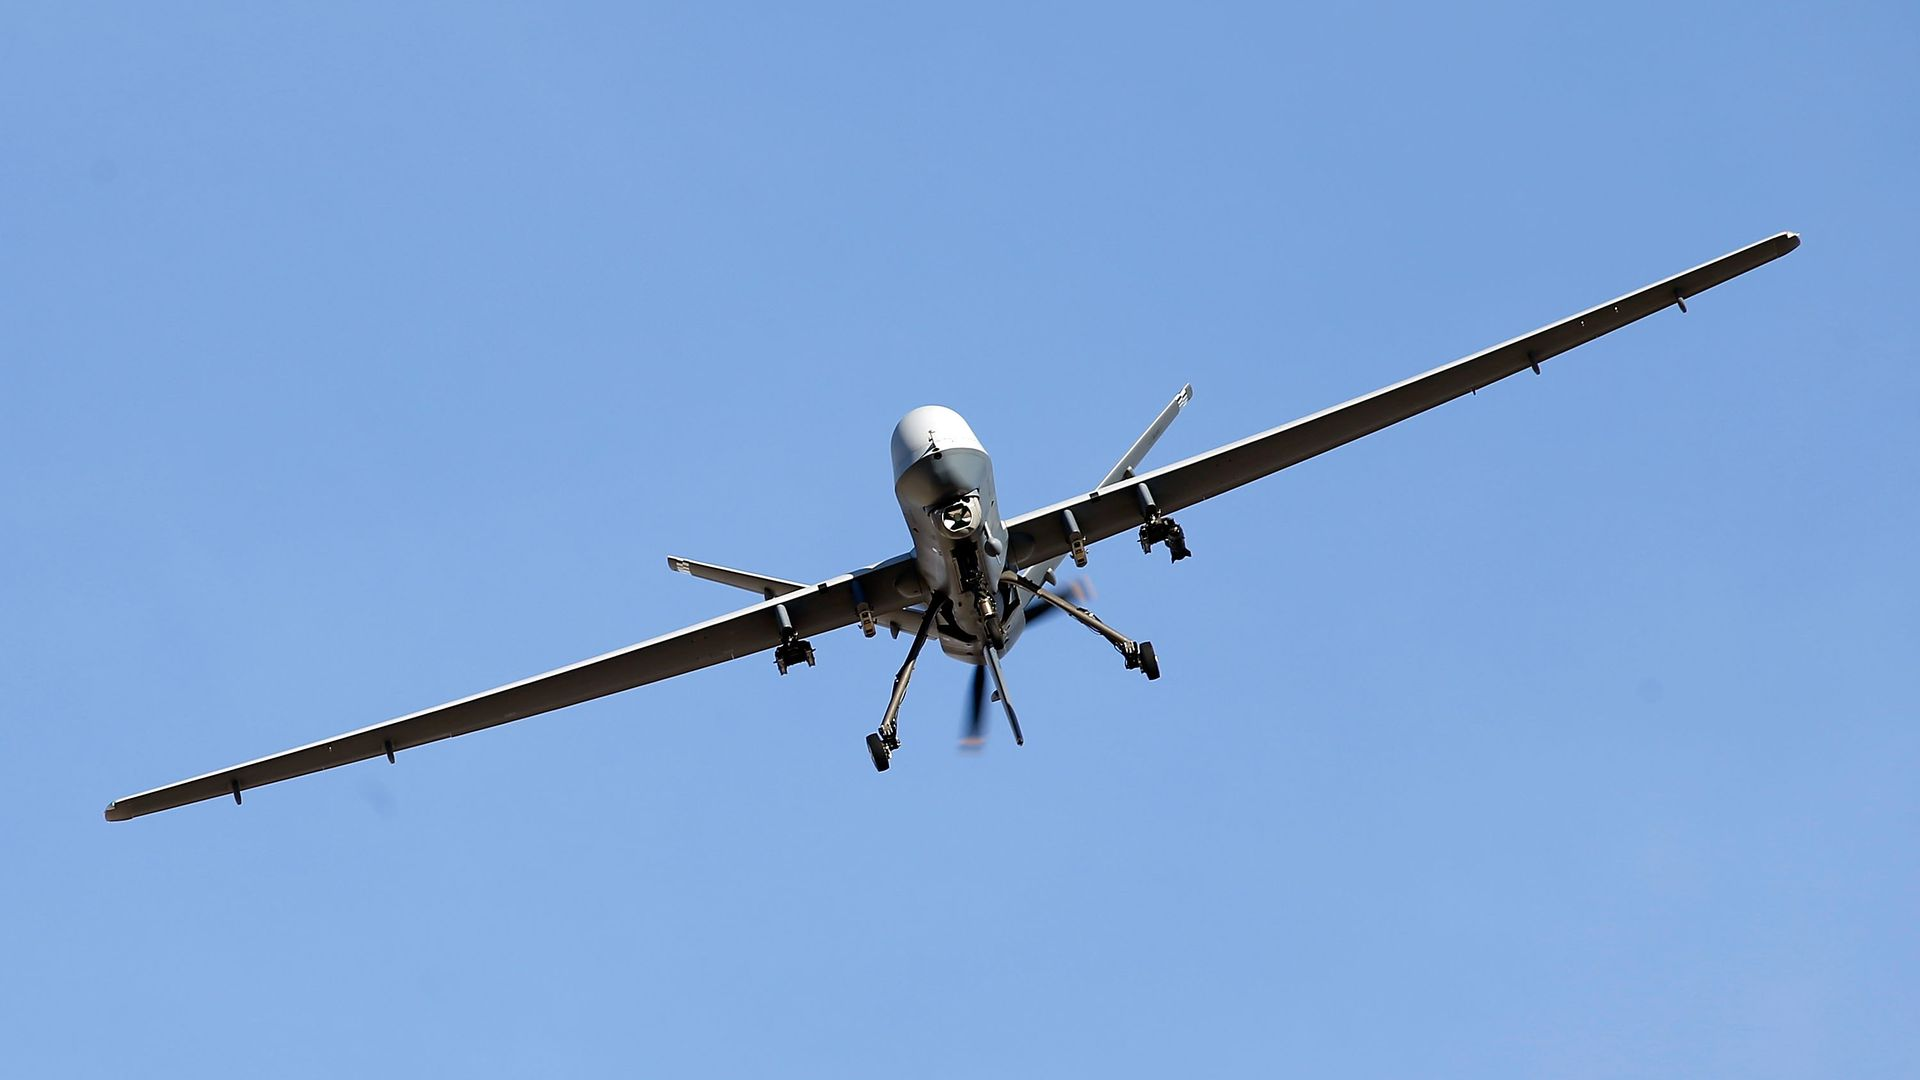 Reaper drone flying